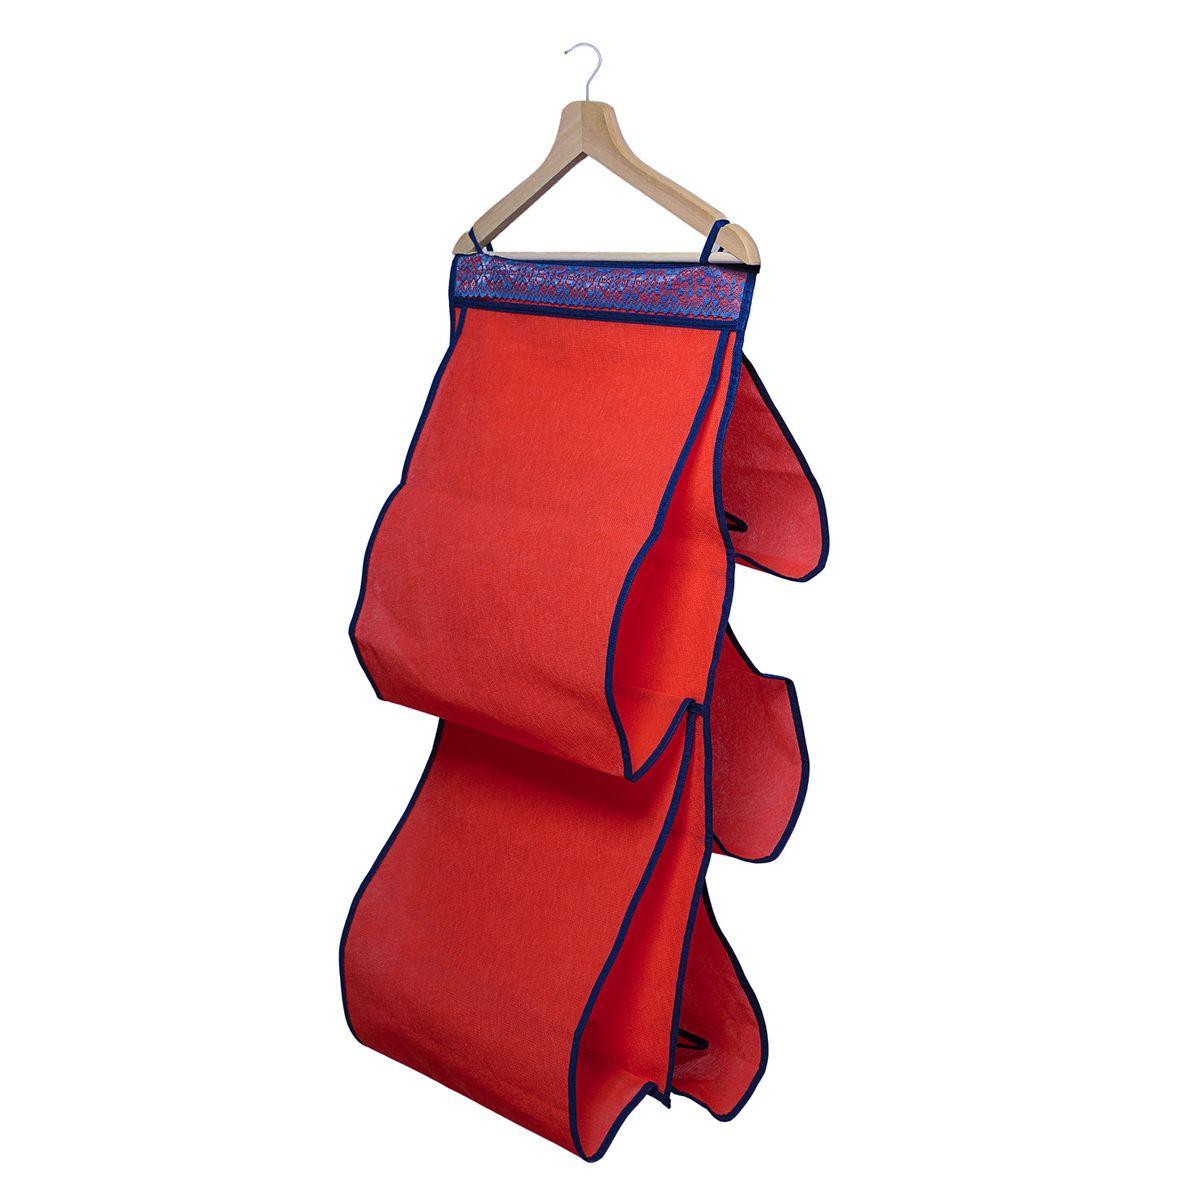 Органайзер для сумок Homsu Rosso, 40 х 70 смHOM-320Органайзер для хранения сумок Homsu Rosso изготовлен из полиэстера. Изделие имеет 5 отделений, его можно повесить в удобное место за крючки. Такой компактный и удобный в каждодневном использовании аксессуар, как этот органайзер, размещающийся в пространстве шкафа, на плоскости стены или дверей. Практичный и удобный органайзер для хранения сумок. Размер чехла: 40 х 70 см.